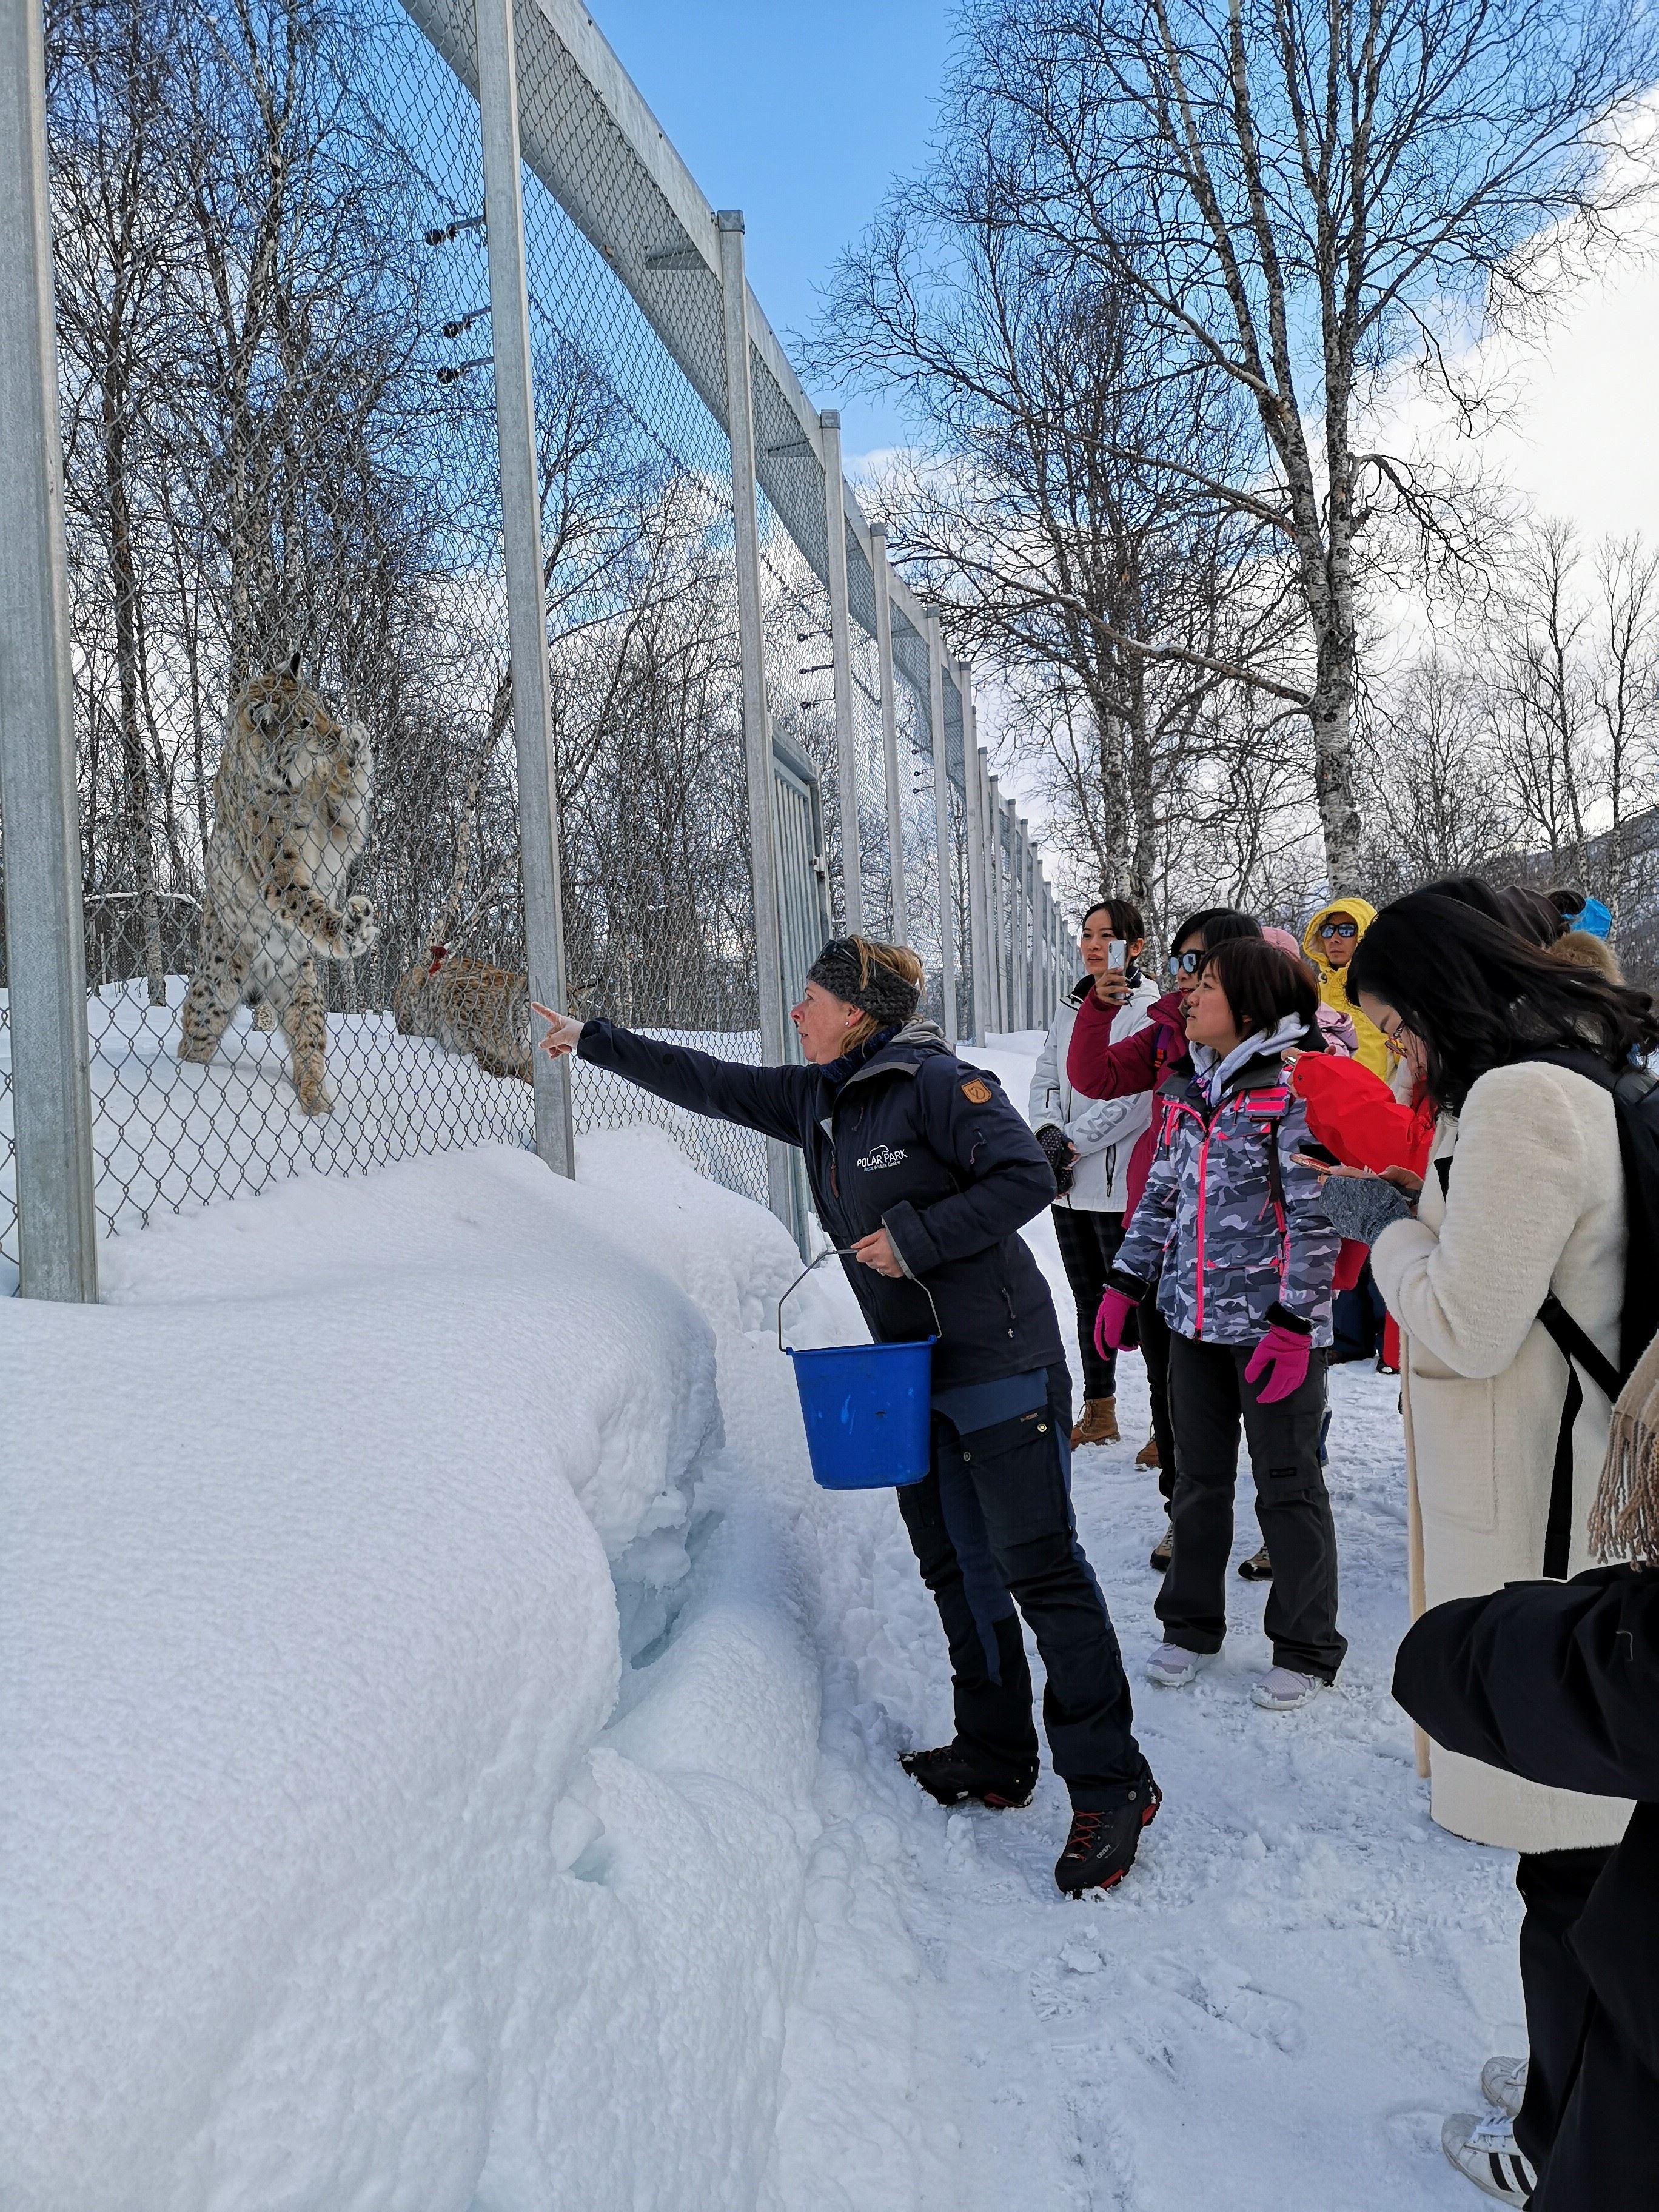 Polar Park inkludert transport vinter